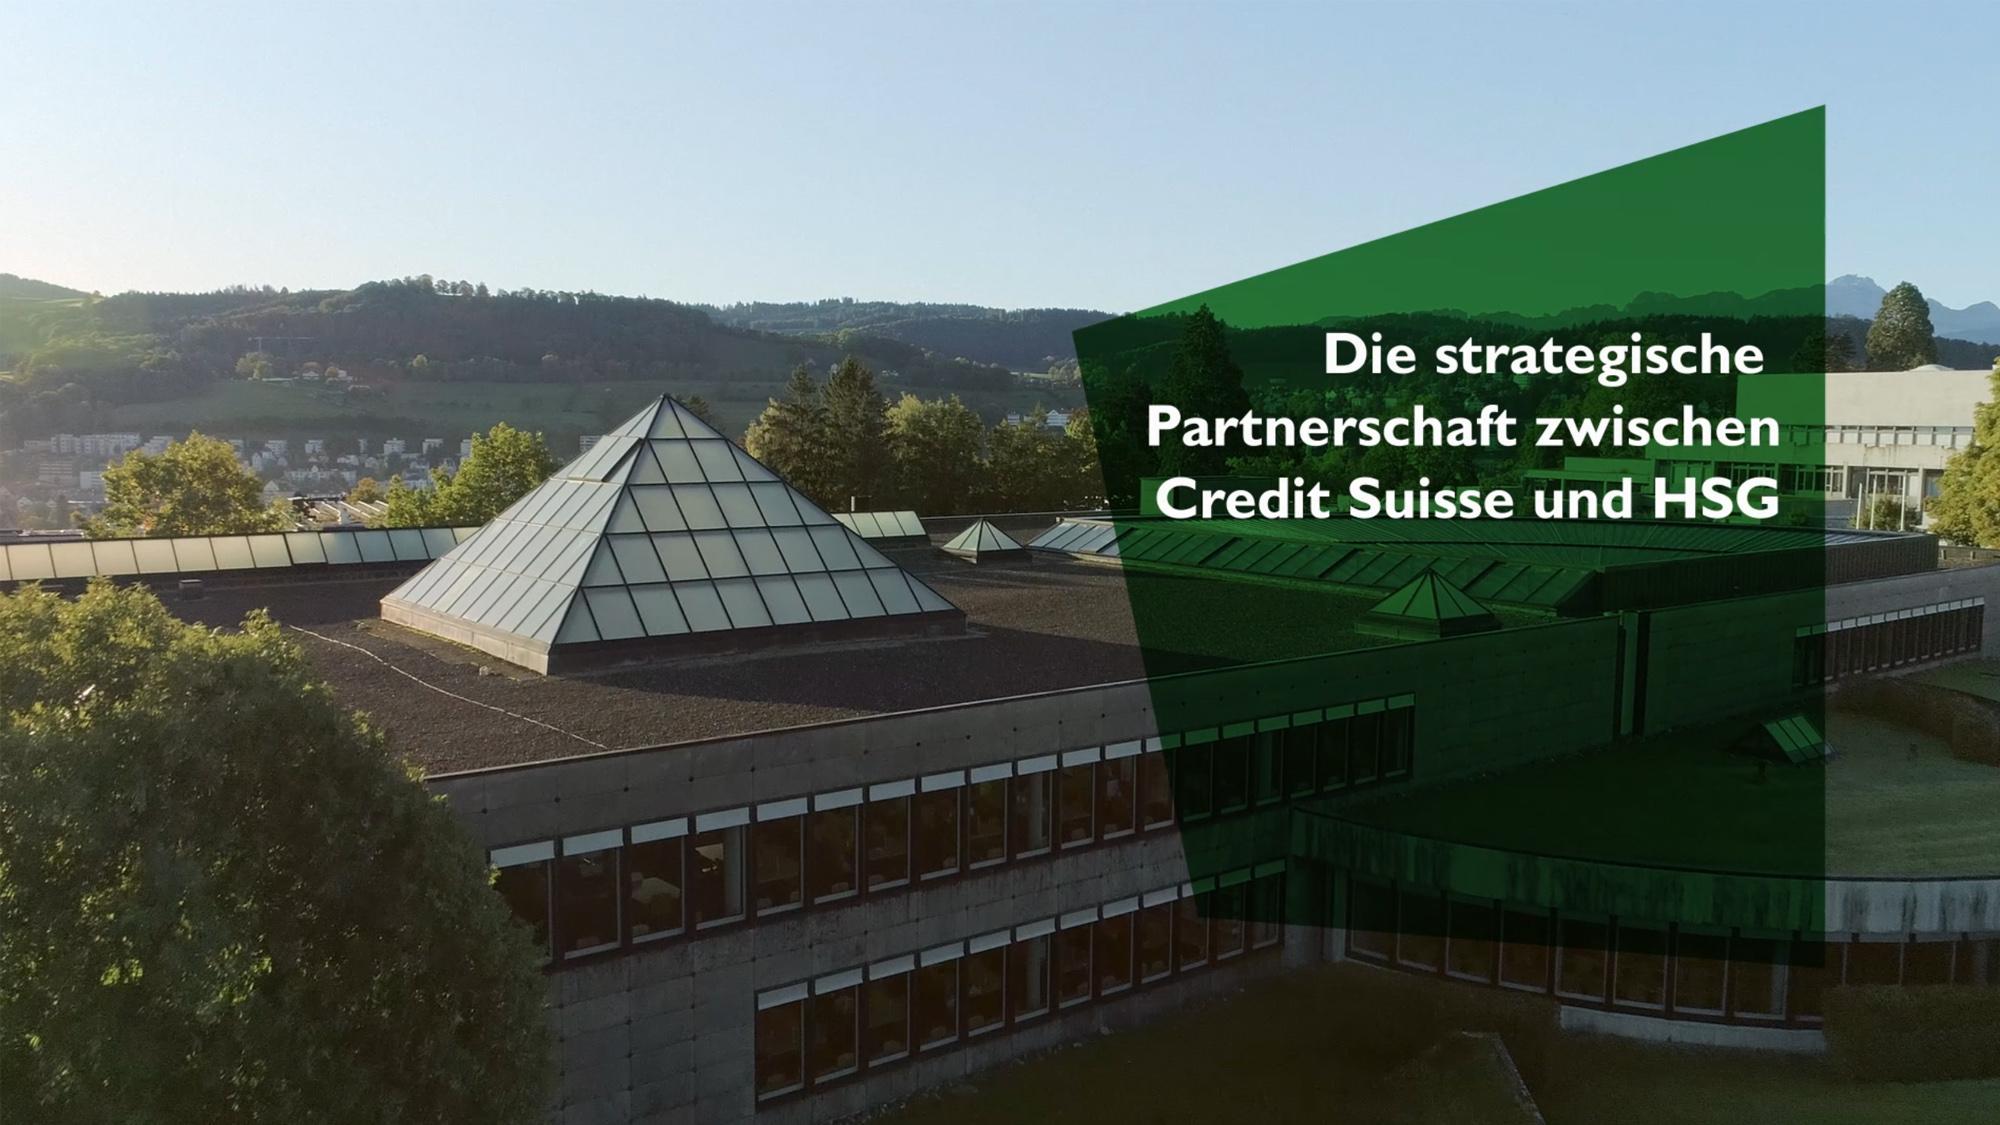 Strategische Partnerschaft zwischen Credit Suisse und HSG